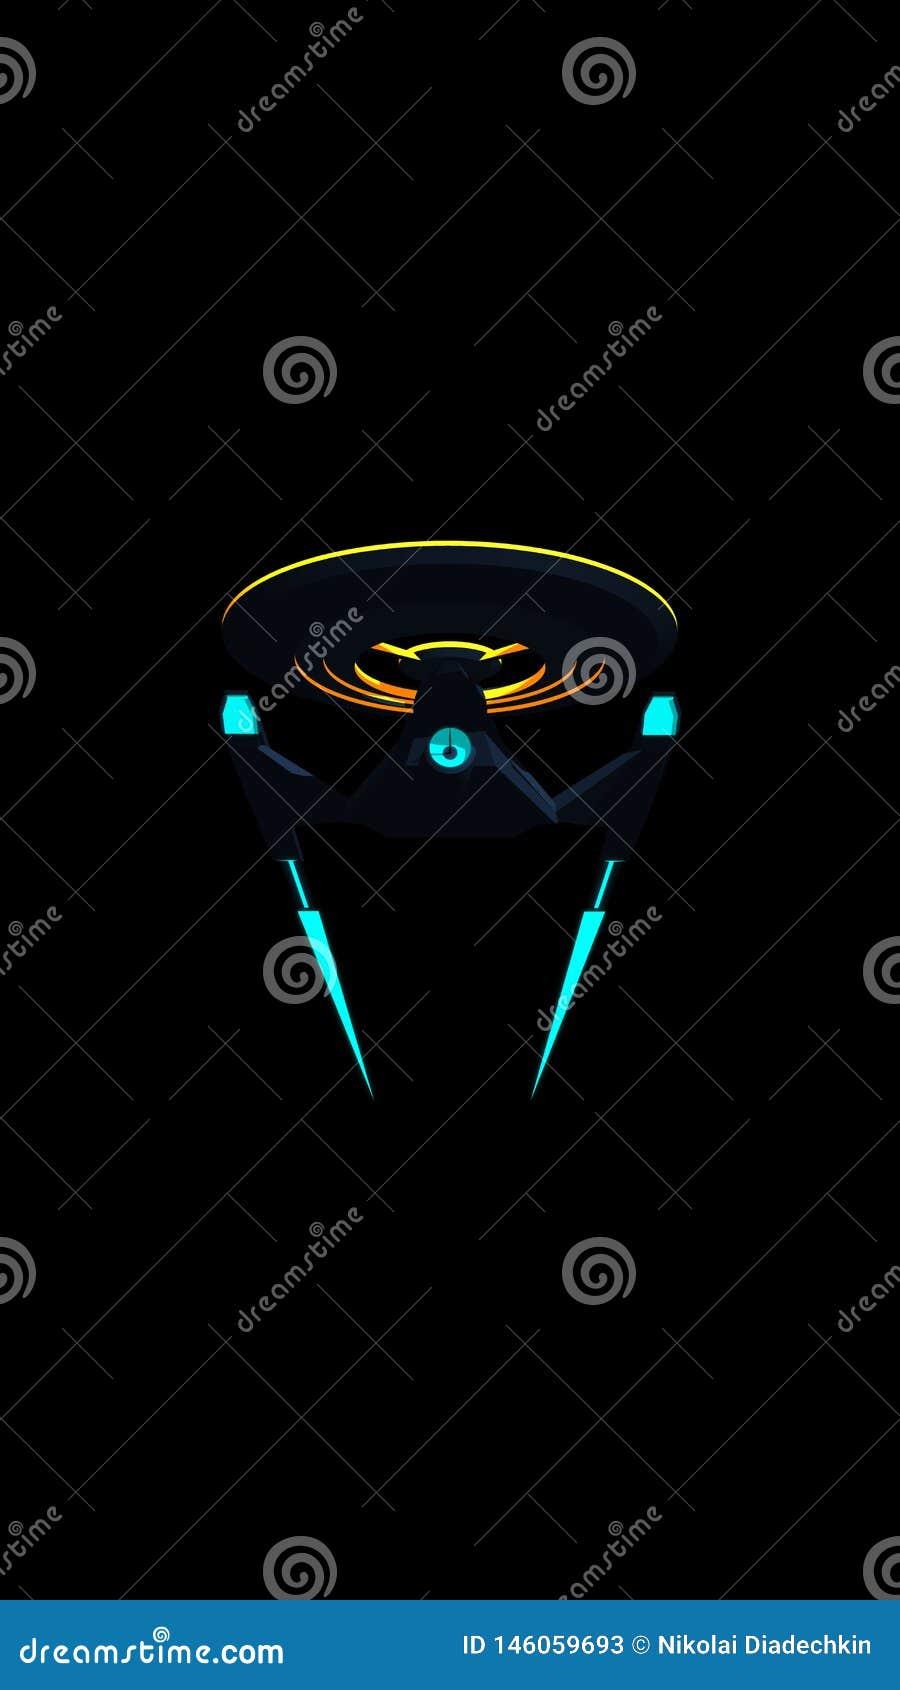 Dzwoni Wallpaprer nauka Powieściowy wizerunek głębokiej przestrzeni starship na czarnym tle